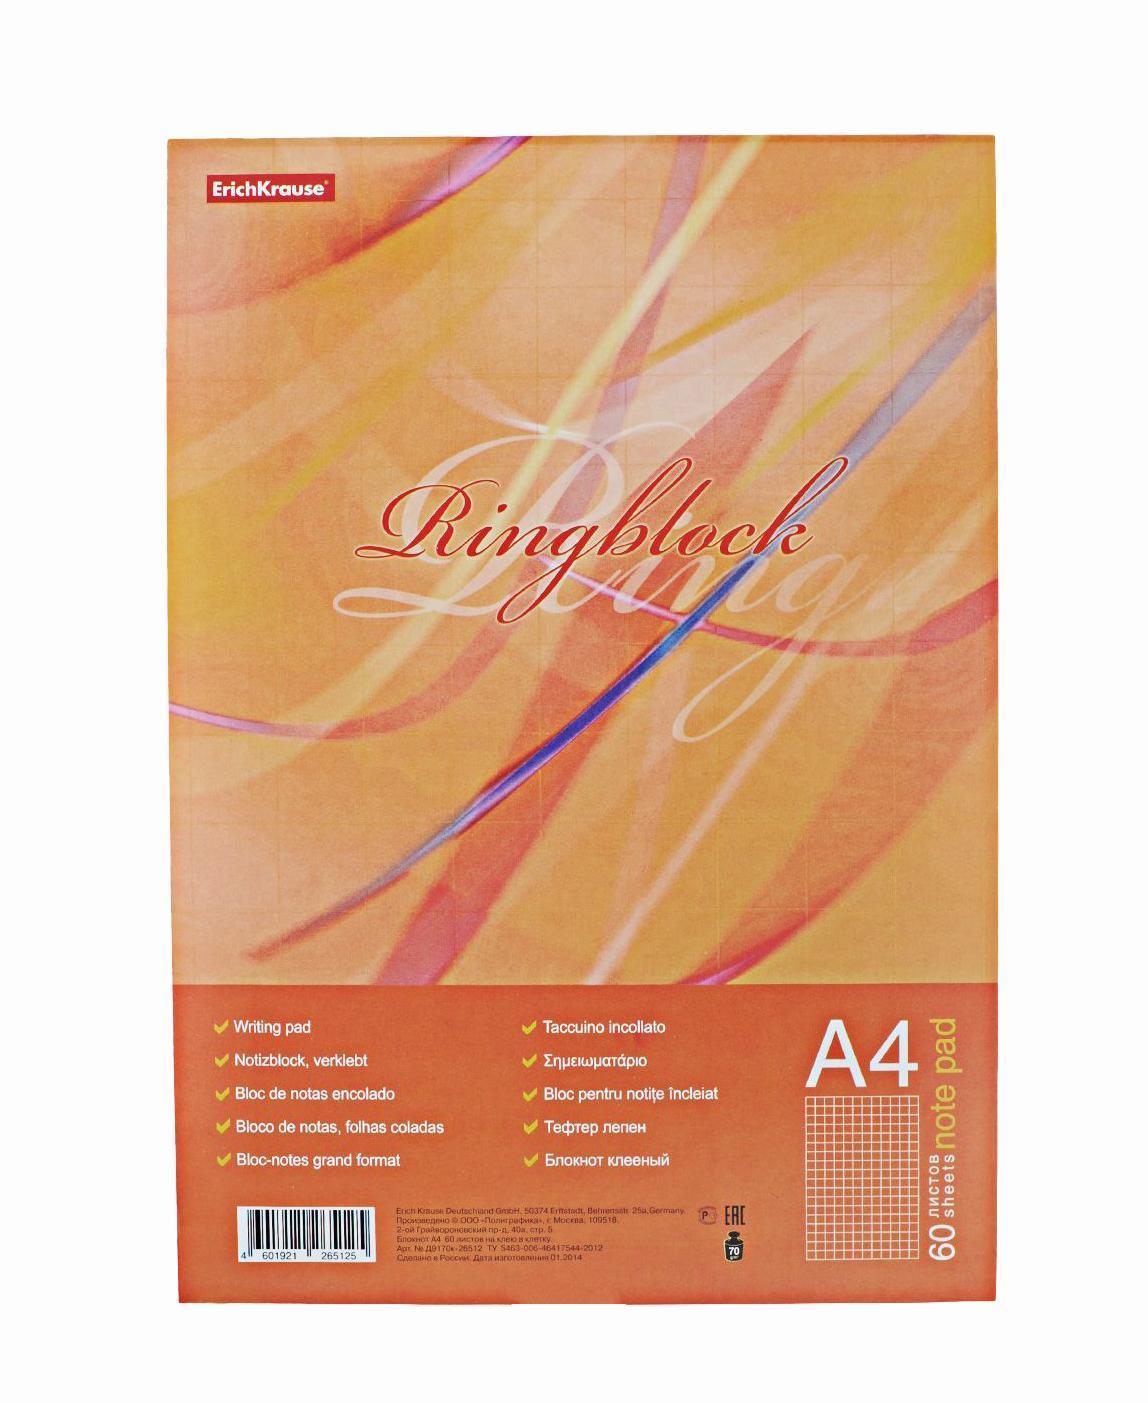 Блокнот Ring Block А4 60,клеевое скрепление,цвет: оранжевый0703415блокнот Ring Block А4 60, клеевое скрепление, цвет: оранжевый